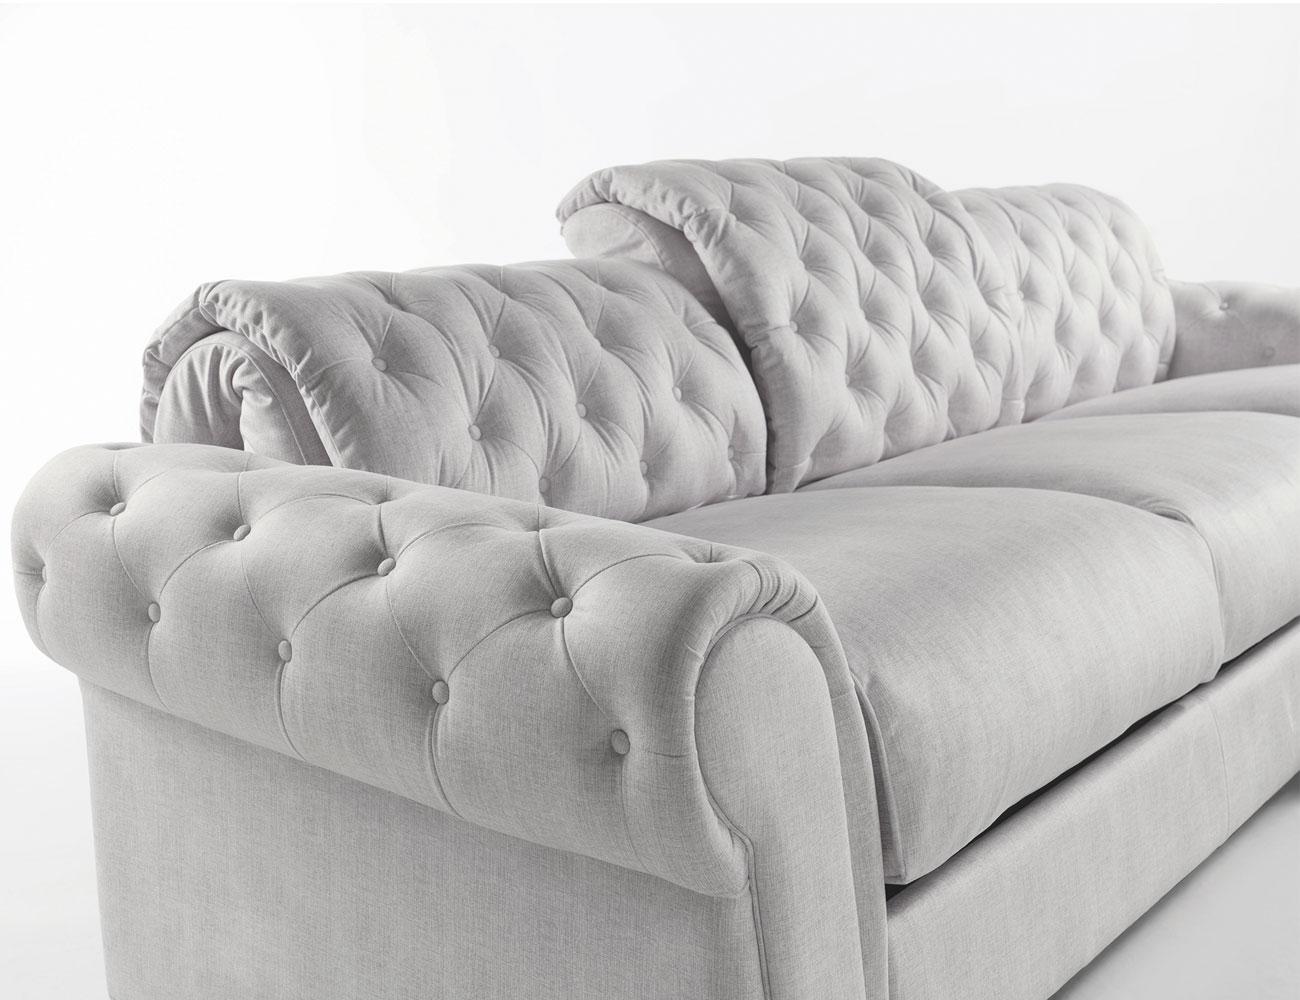 Sofa chaiselongue gran lujo decorativo capitone blanco tela 17